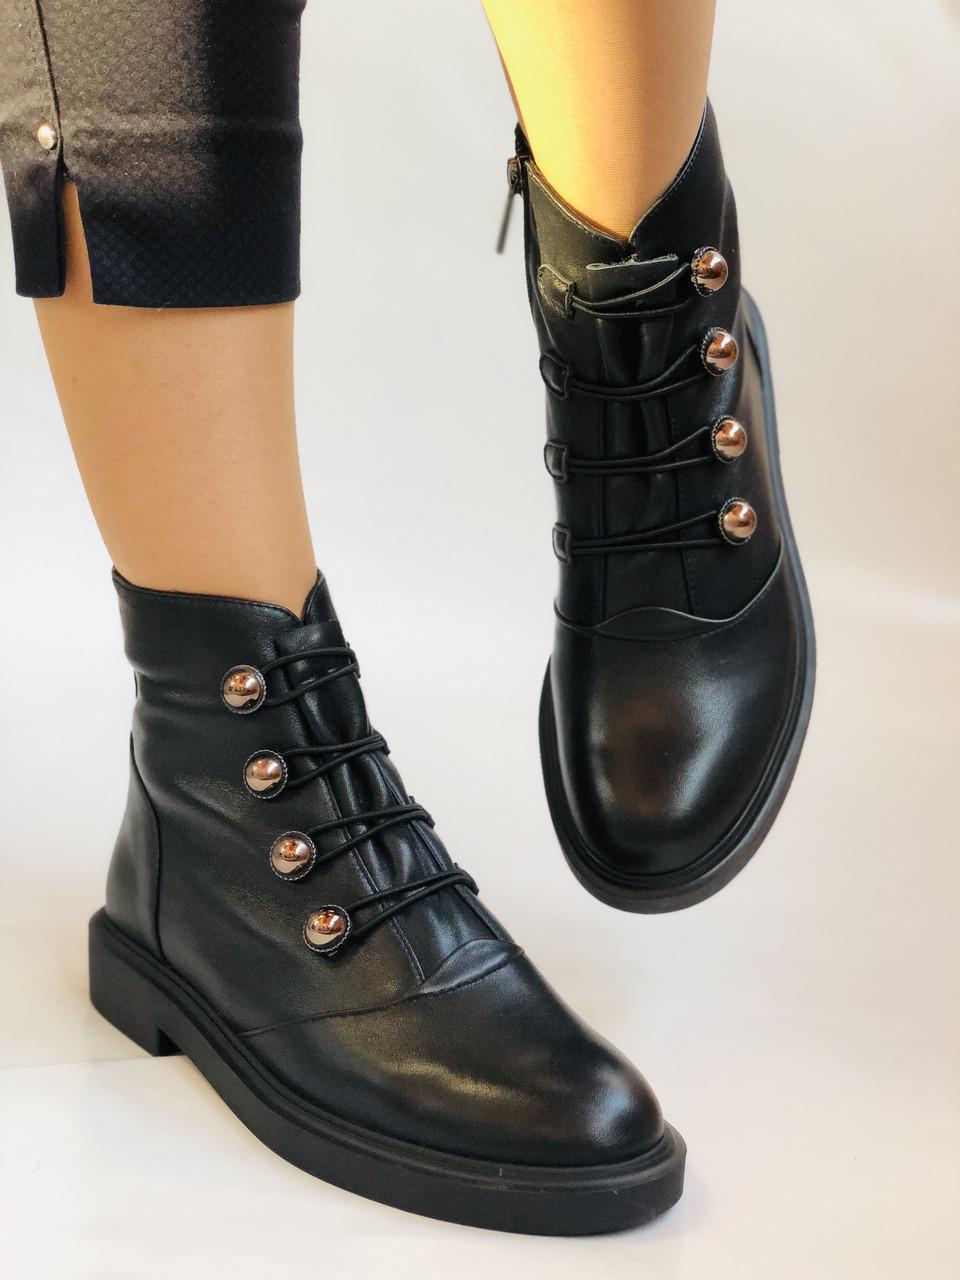 Жіночі осінні черевики. Натуральна шкіра.Висока якість. Erisses. Р. 33, 34,35,36,37,38 .Vellena